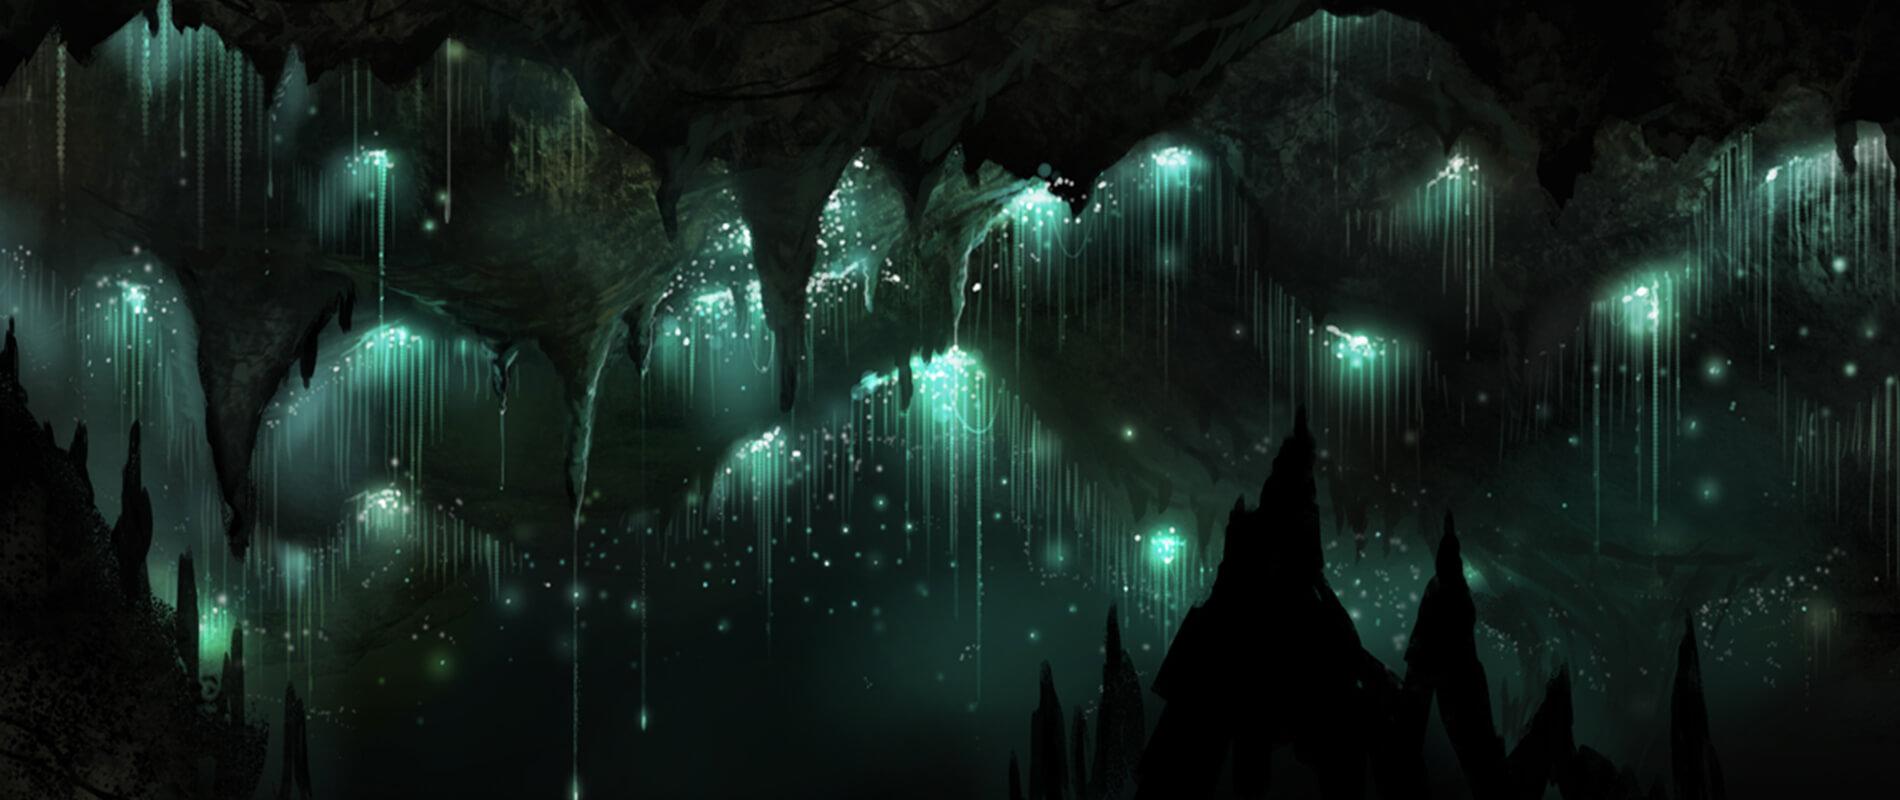 Glowworm Caves, le grotte illuminate da un cielo stellato